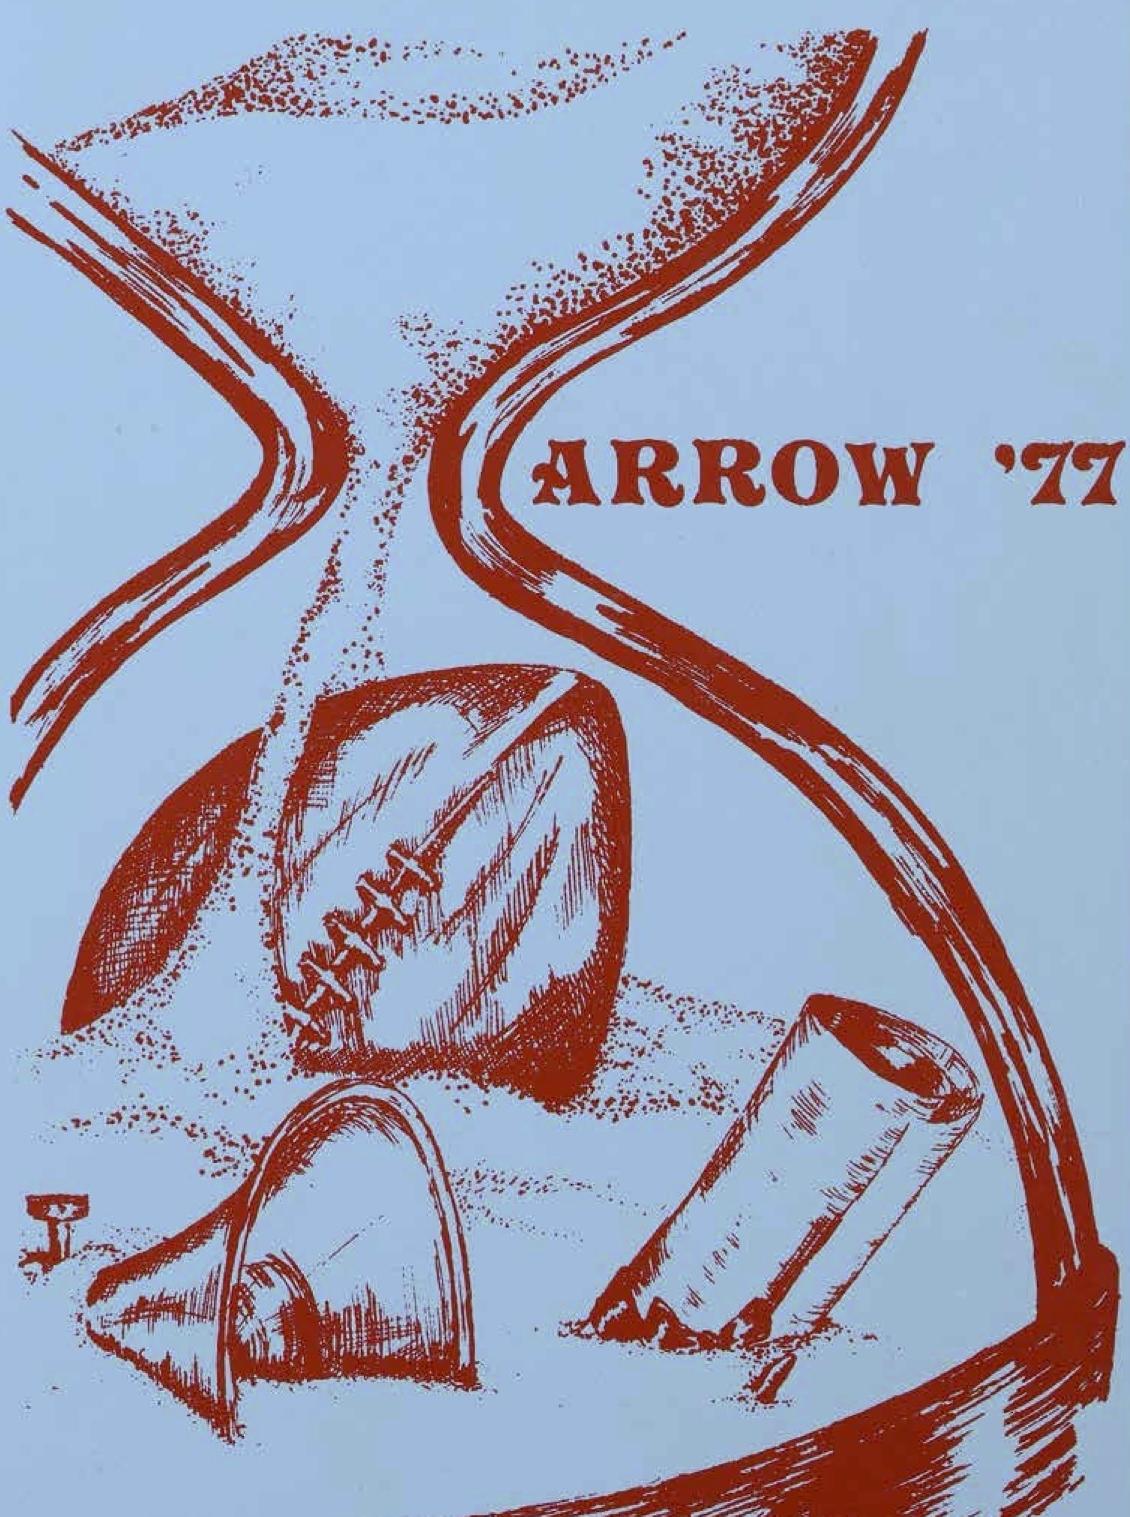 The Arrow 1977